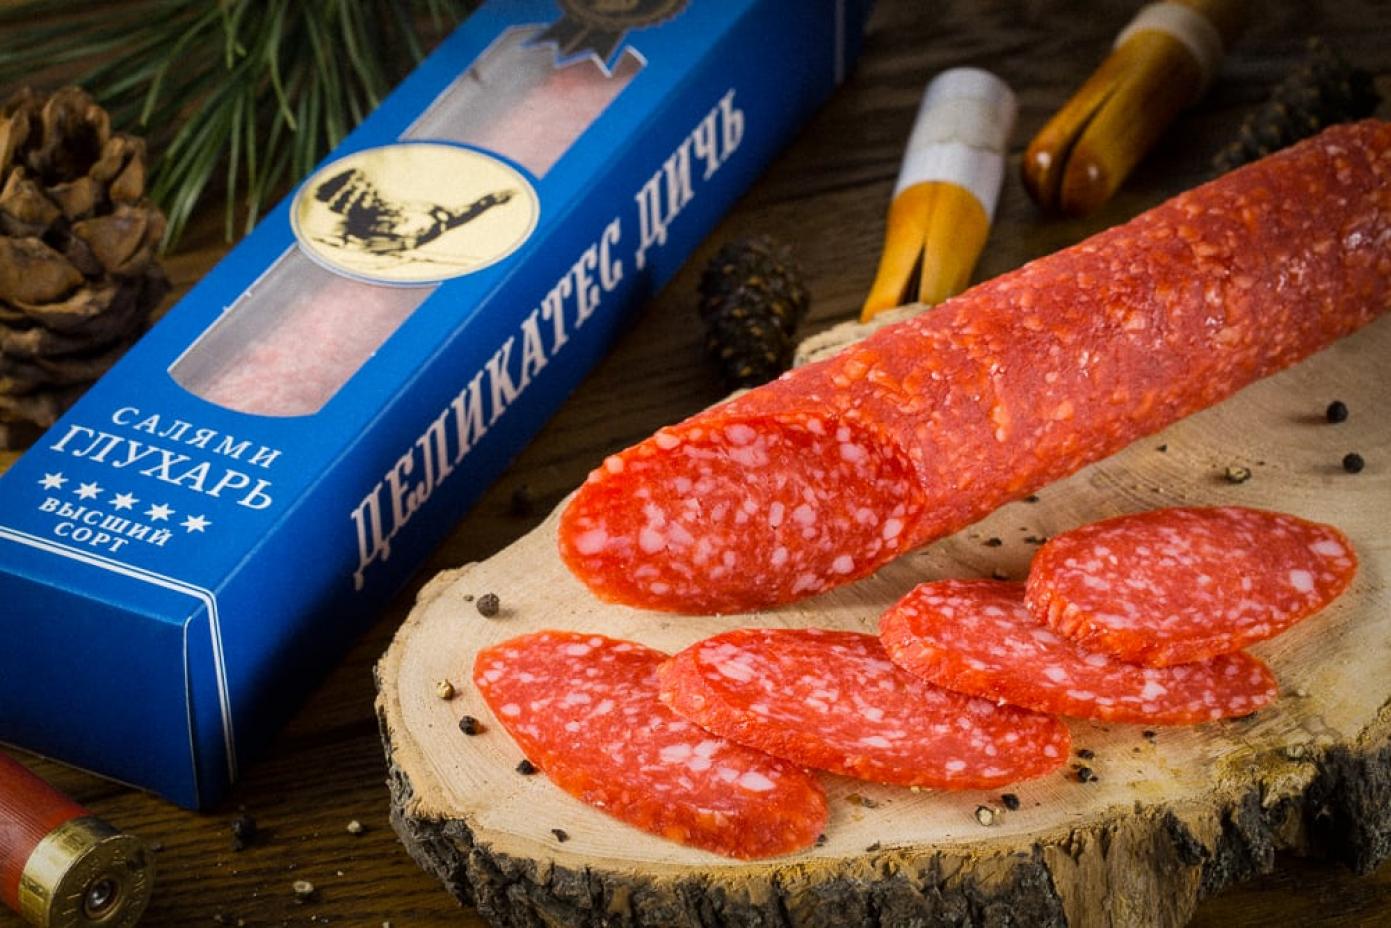 Колбаса салями из мяса Глухаря в подарочной упаковке